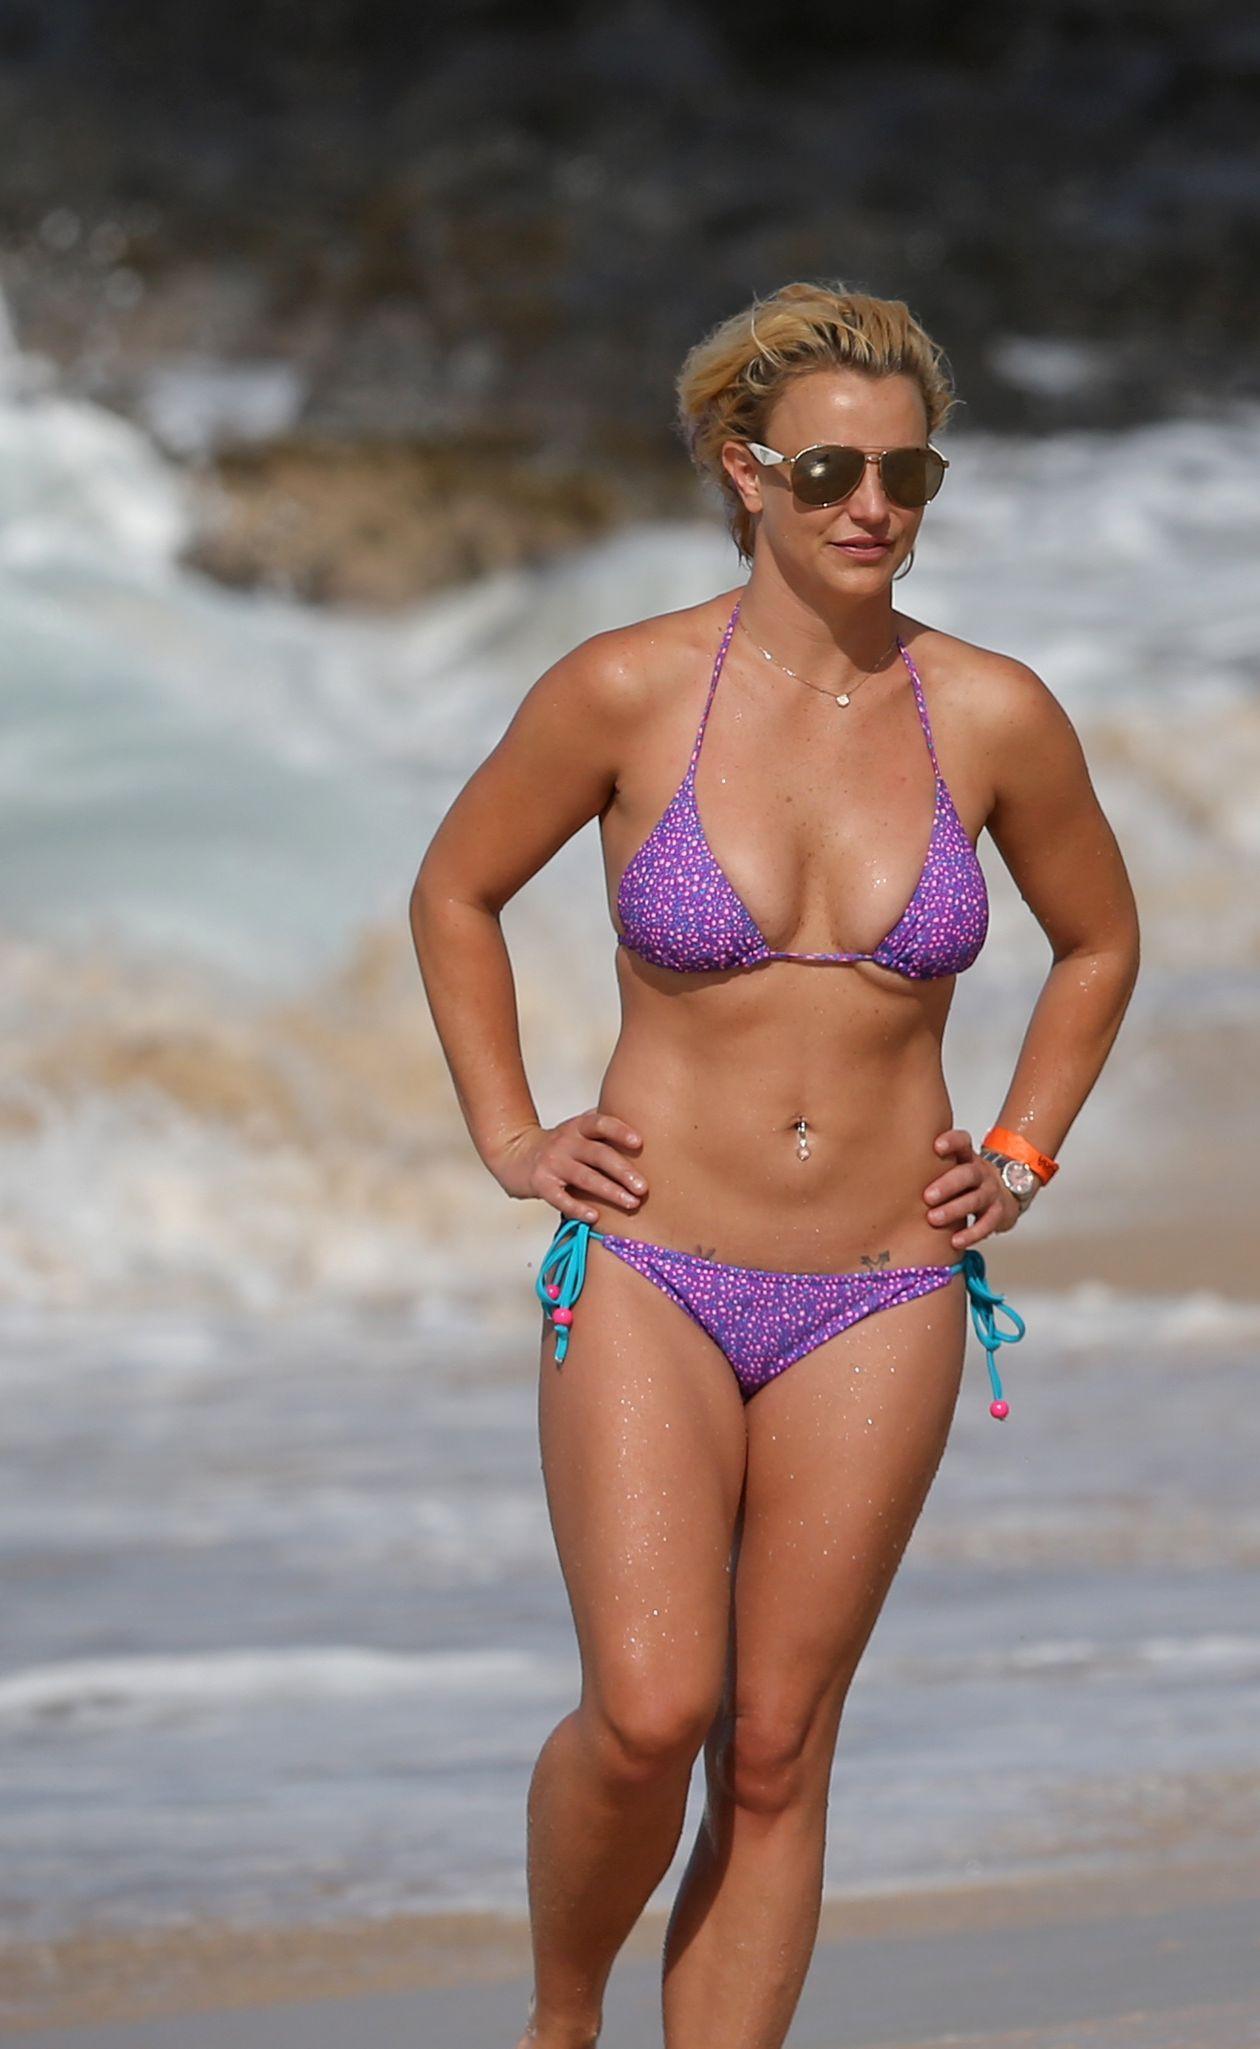 Cine Bikini Hawai Britney Musica Spears De Television En Y Fotos kOPXZTiu